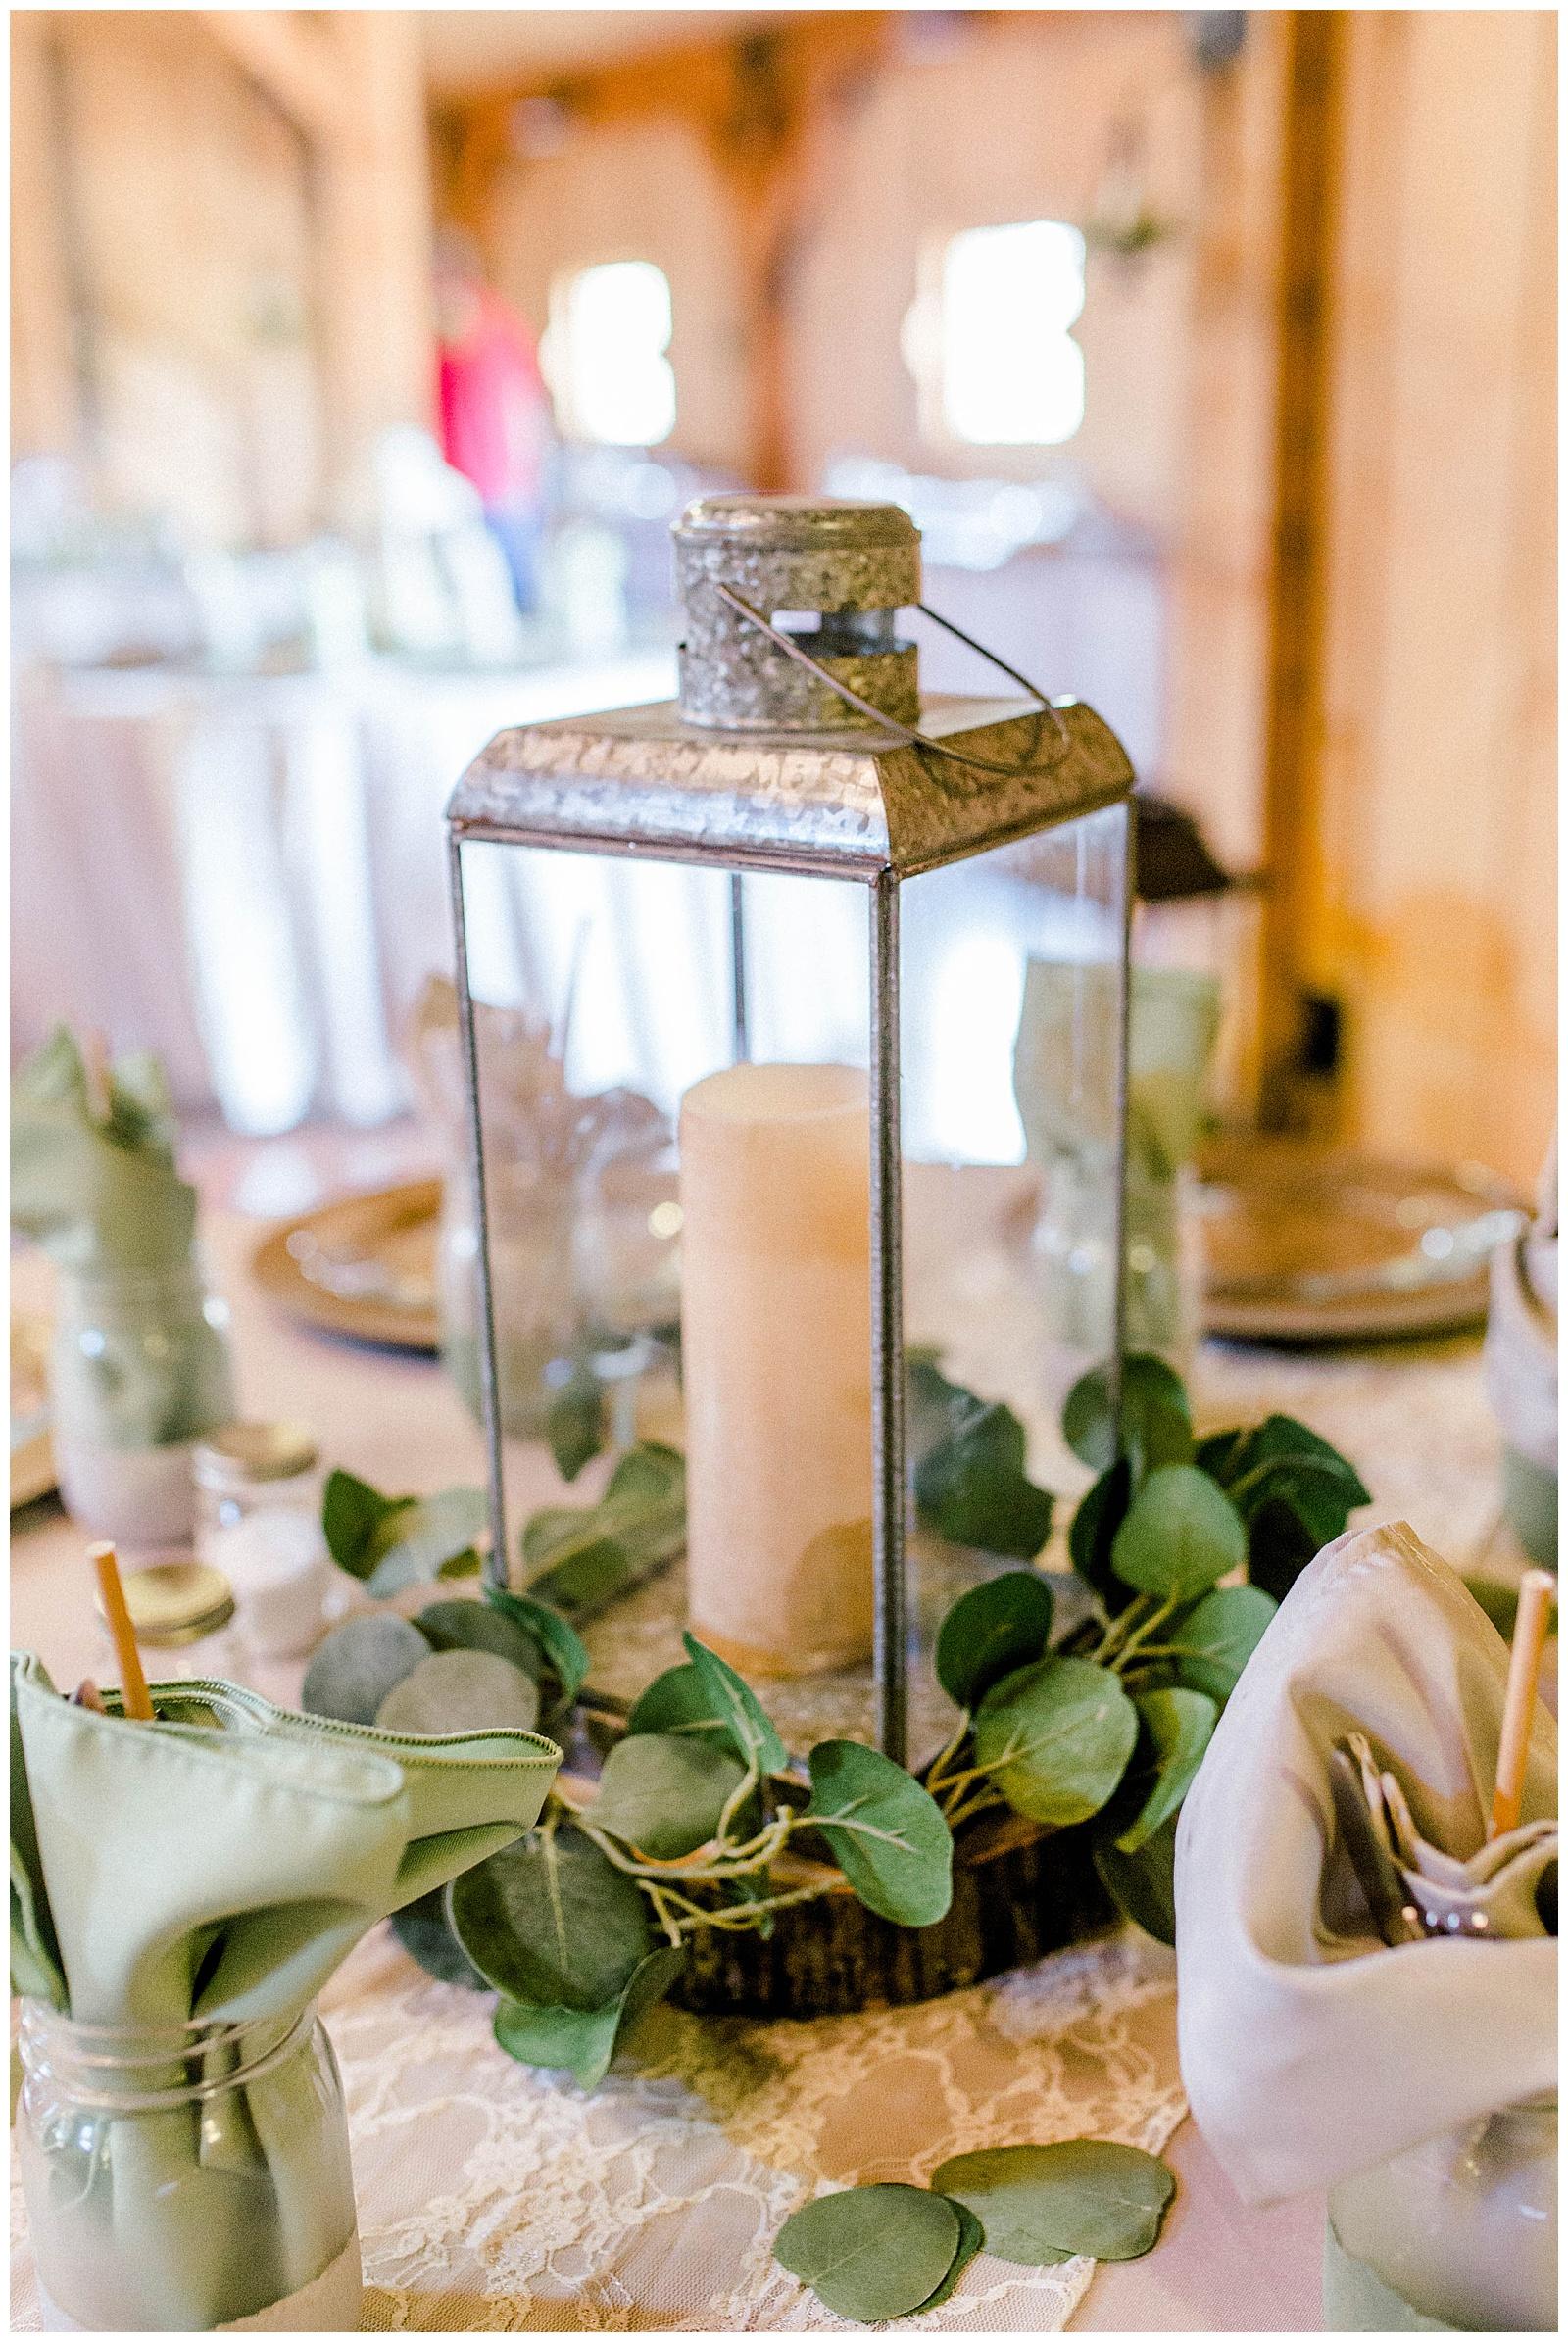 Lewis-Kara-Blakeman-Photography-Huntington-West-Virginia-Wedding-Barn-Olde-Homestead-57